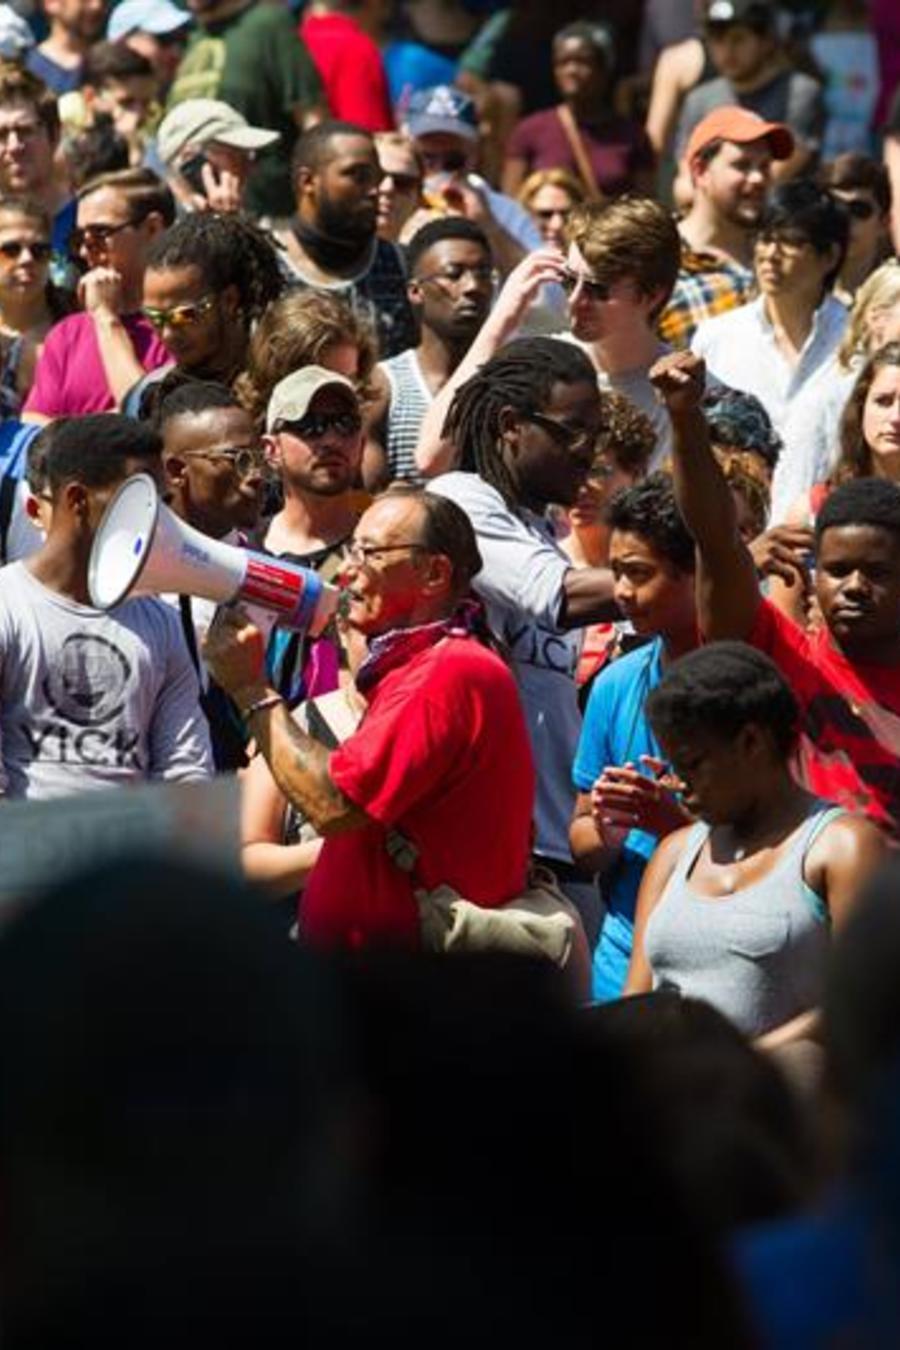 Miles de personas participan en marcha contra el racismo en Boston